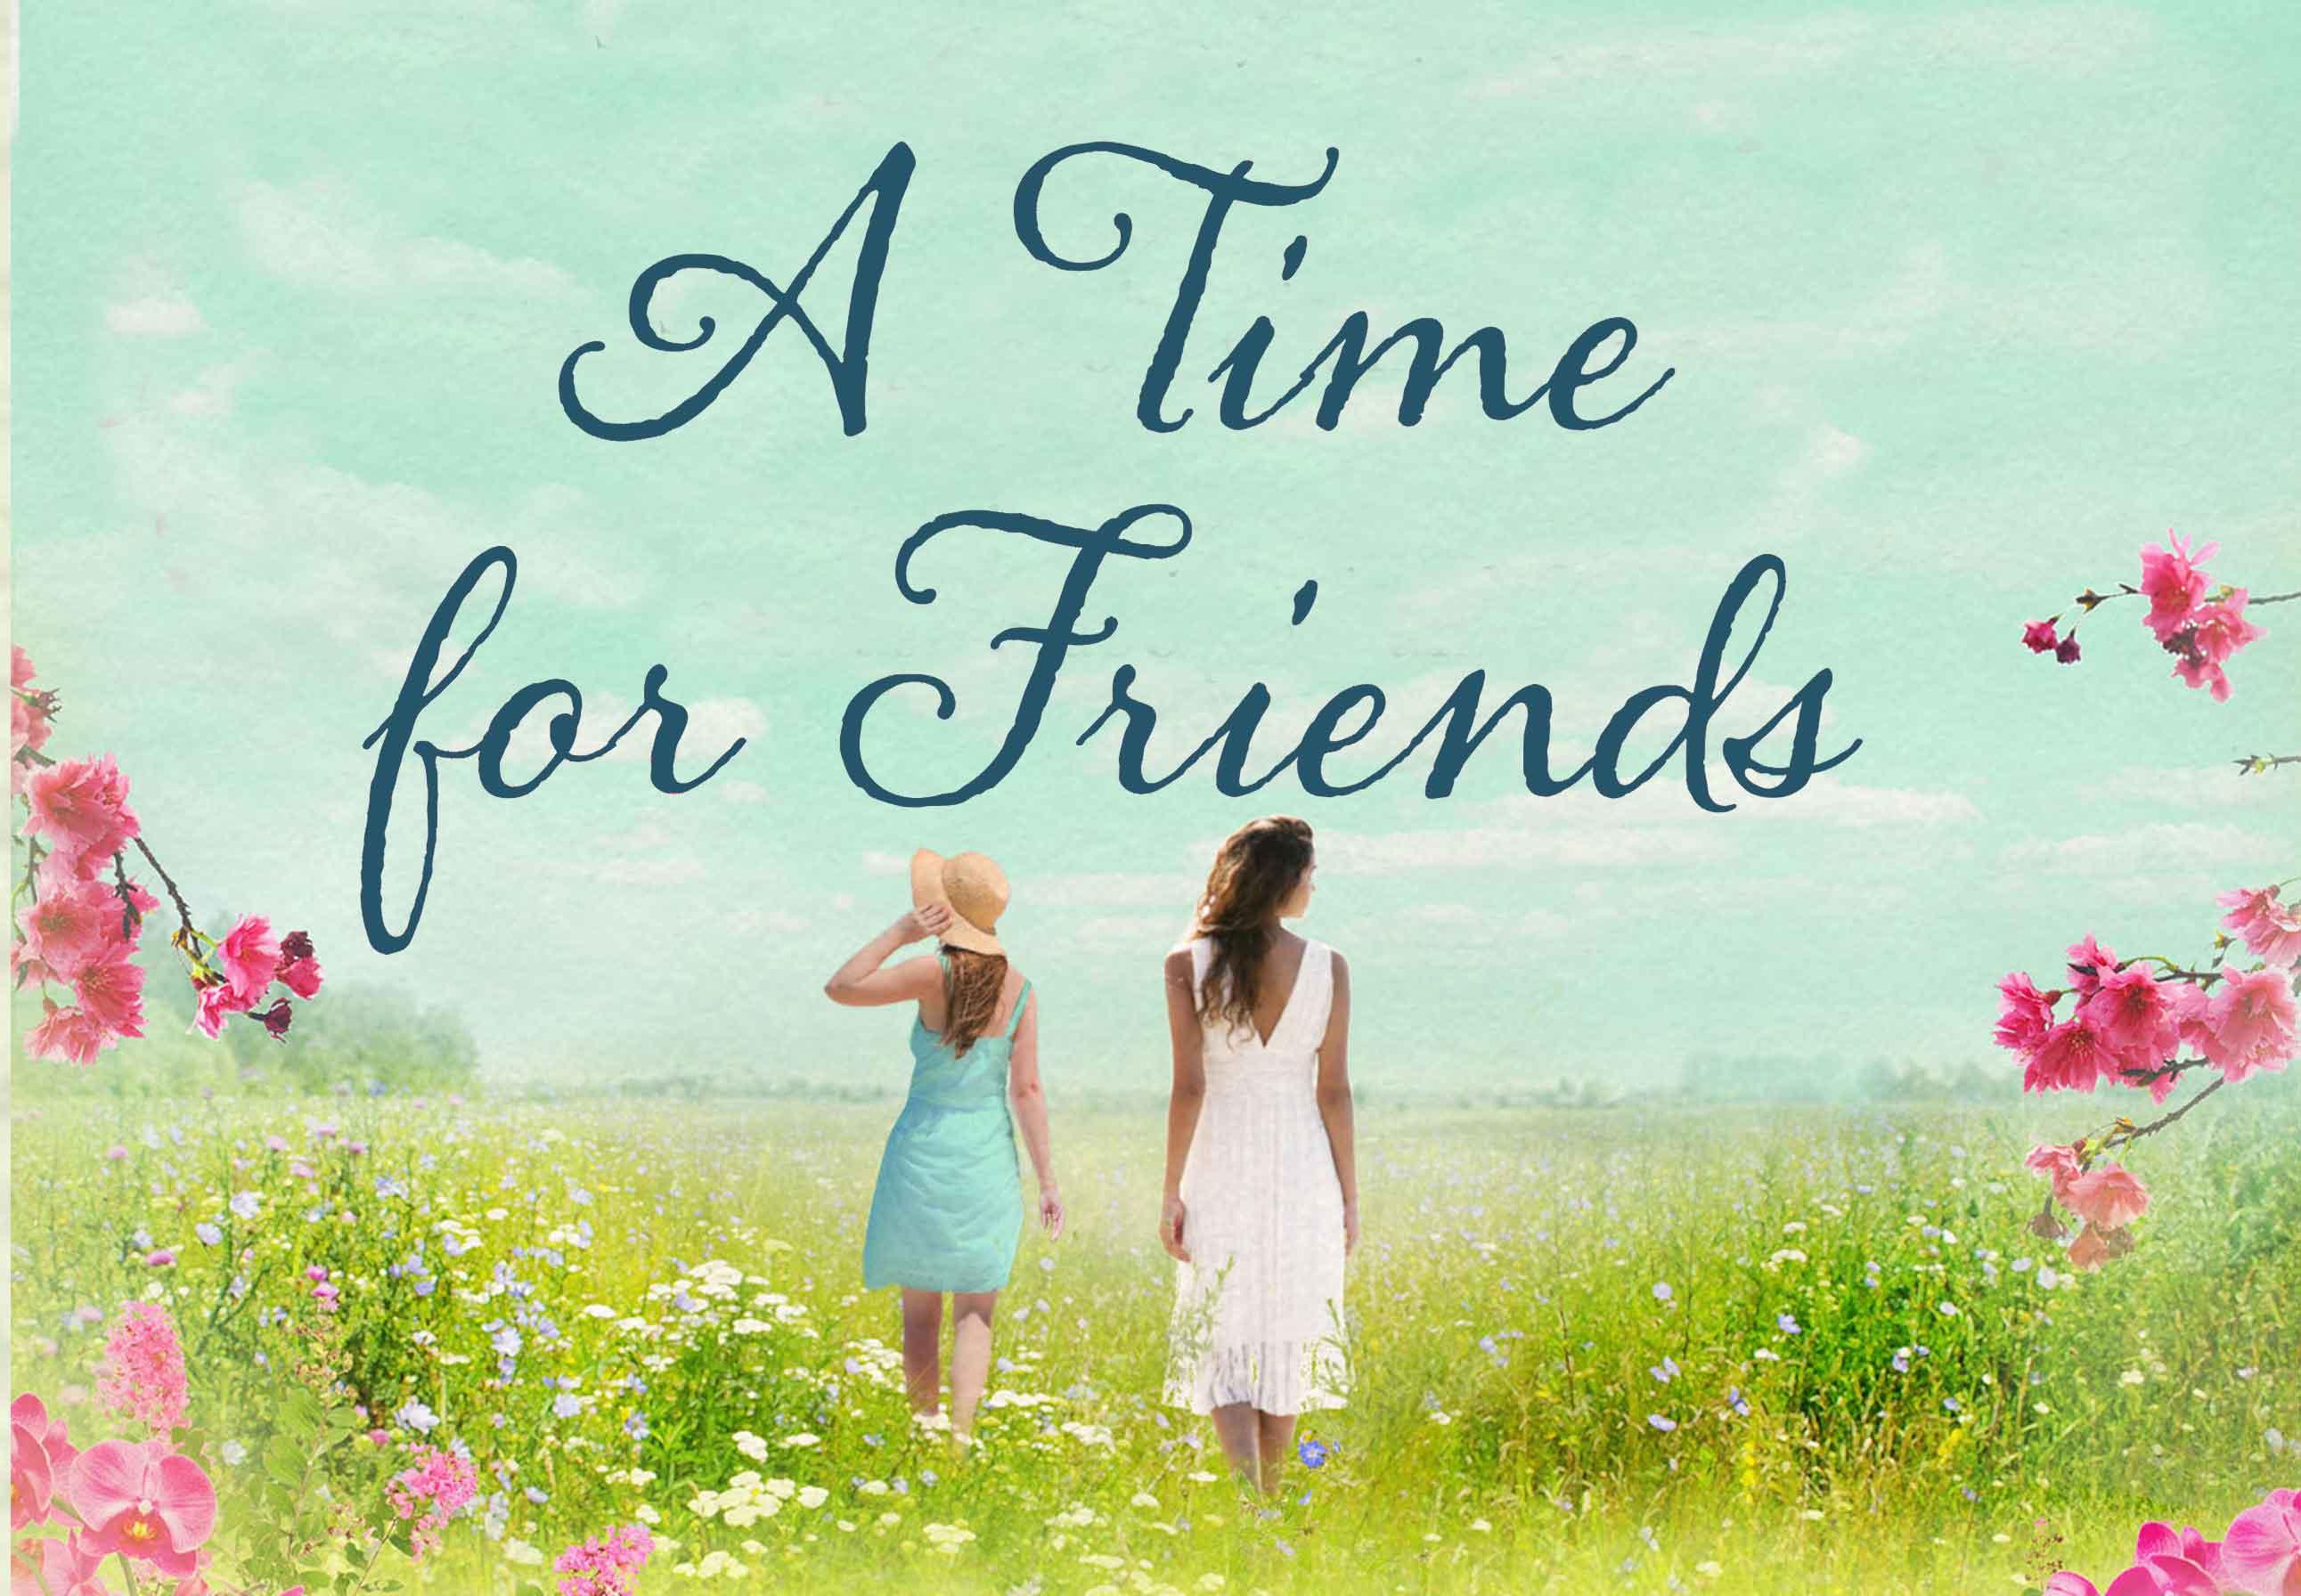 بالصور عبارات جميلة عن الصداقة , عبارات حب و احترام للاصدقاء 1315 7